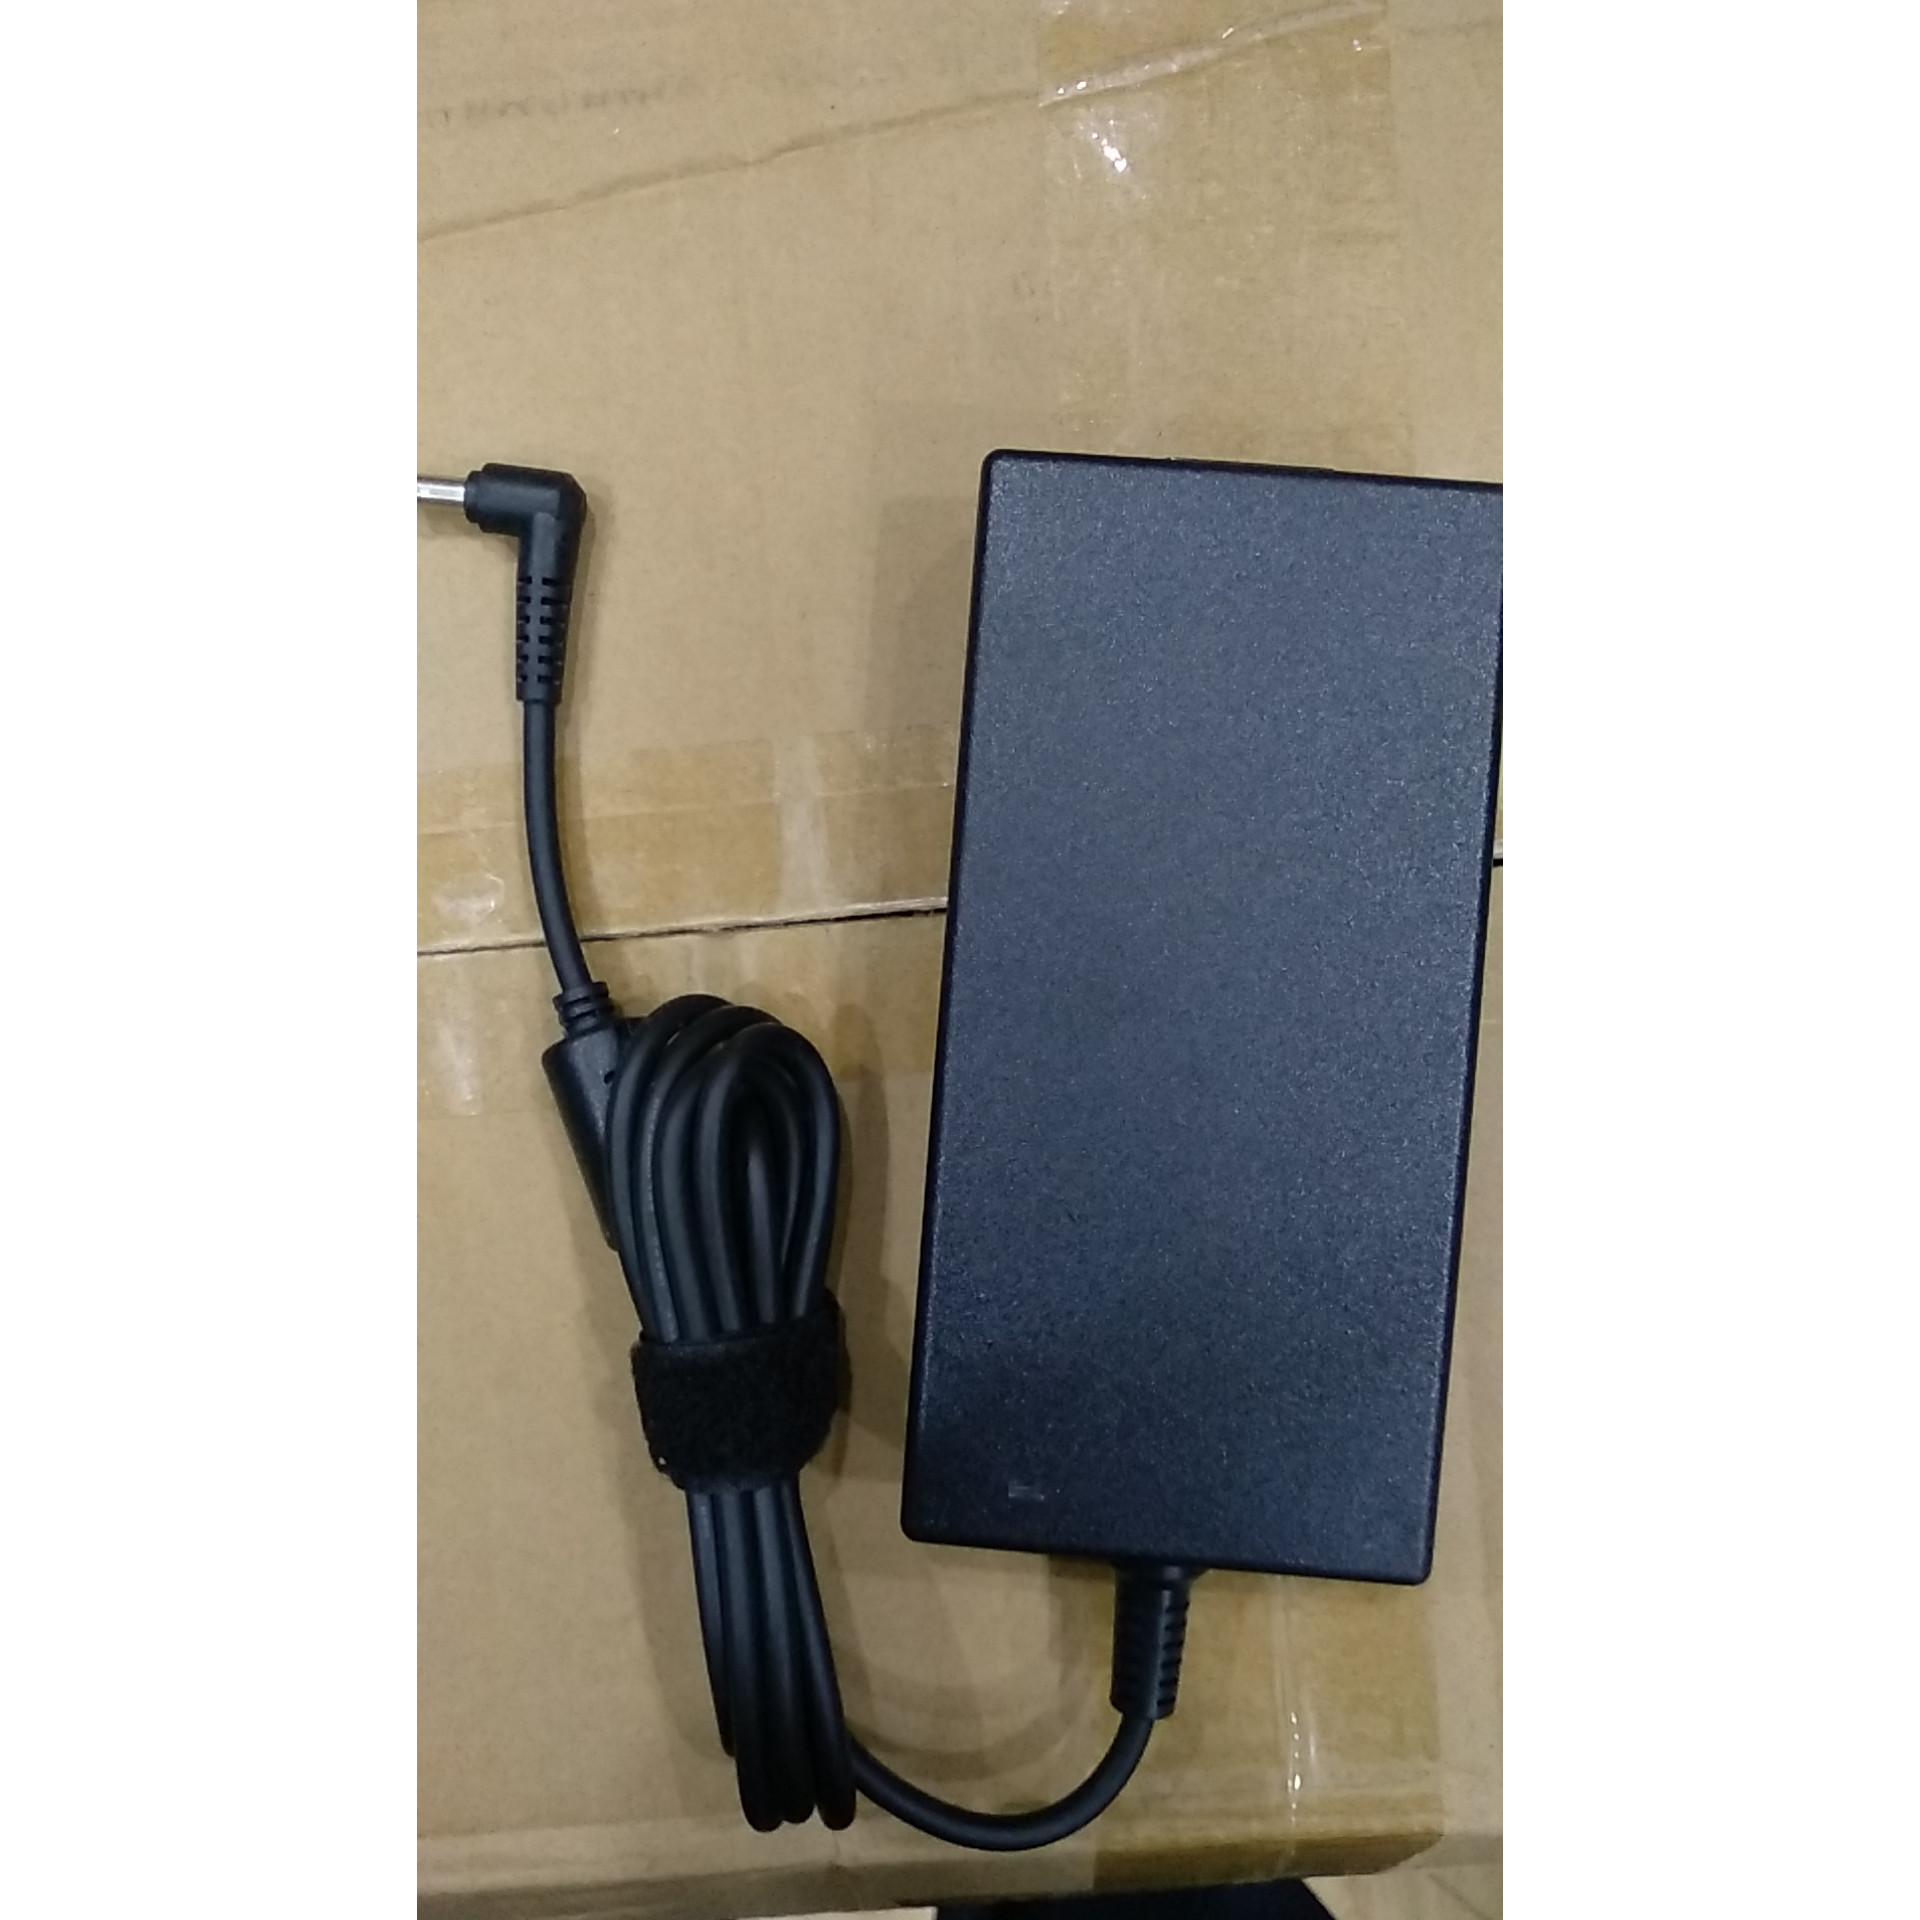 Sạc dành cho Laptop MSI GE62 7RE Camo Squad